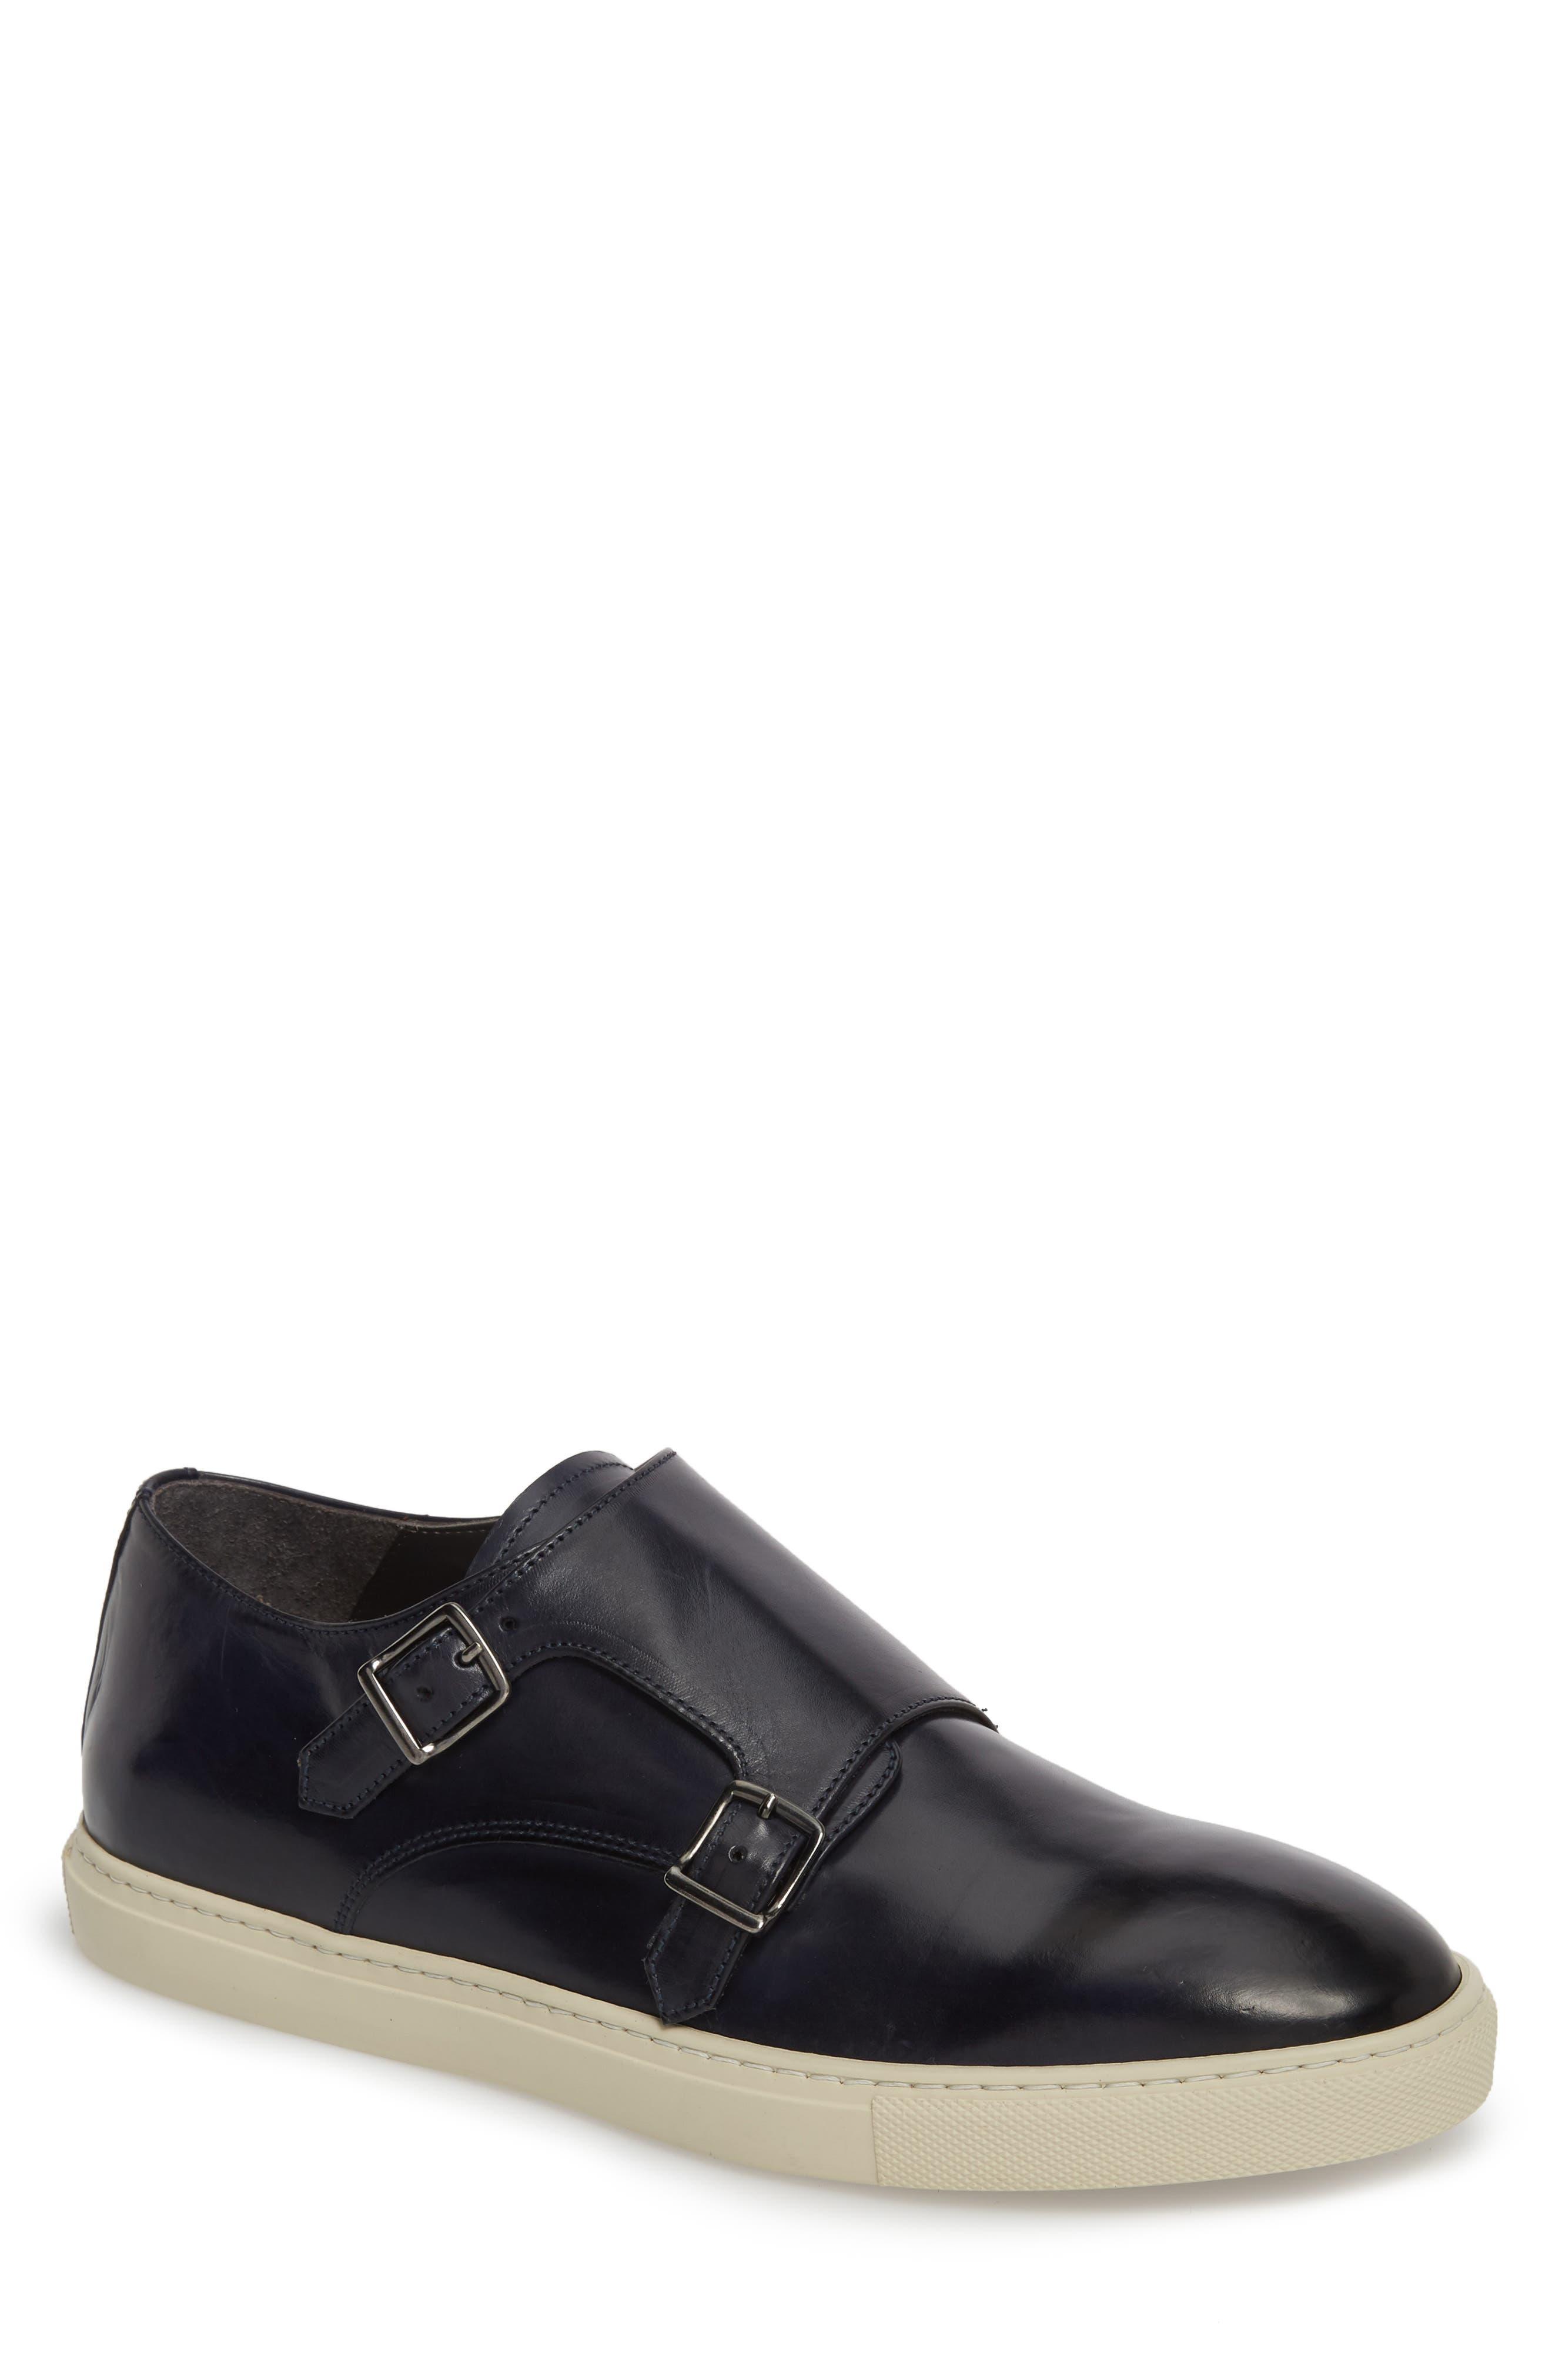 Gildden Double Monk Strap Sneaker,                         Main,                         color, 400